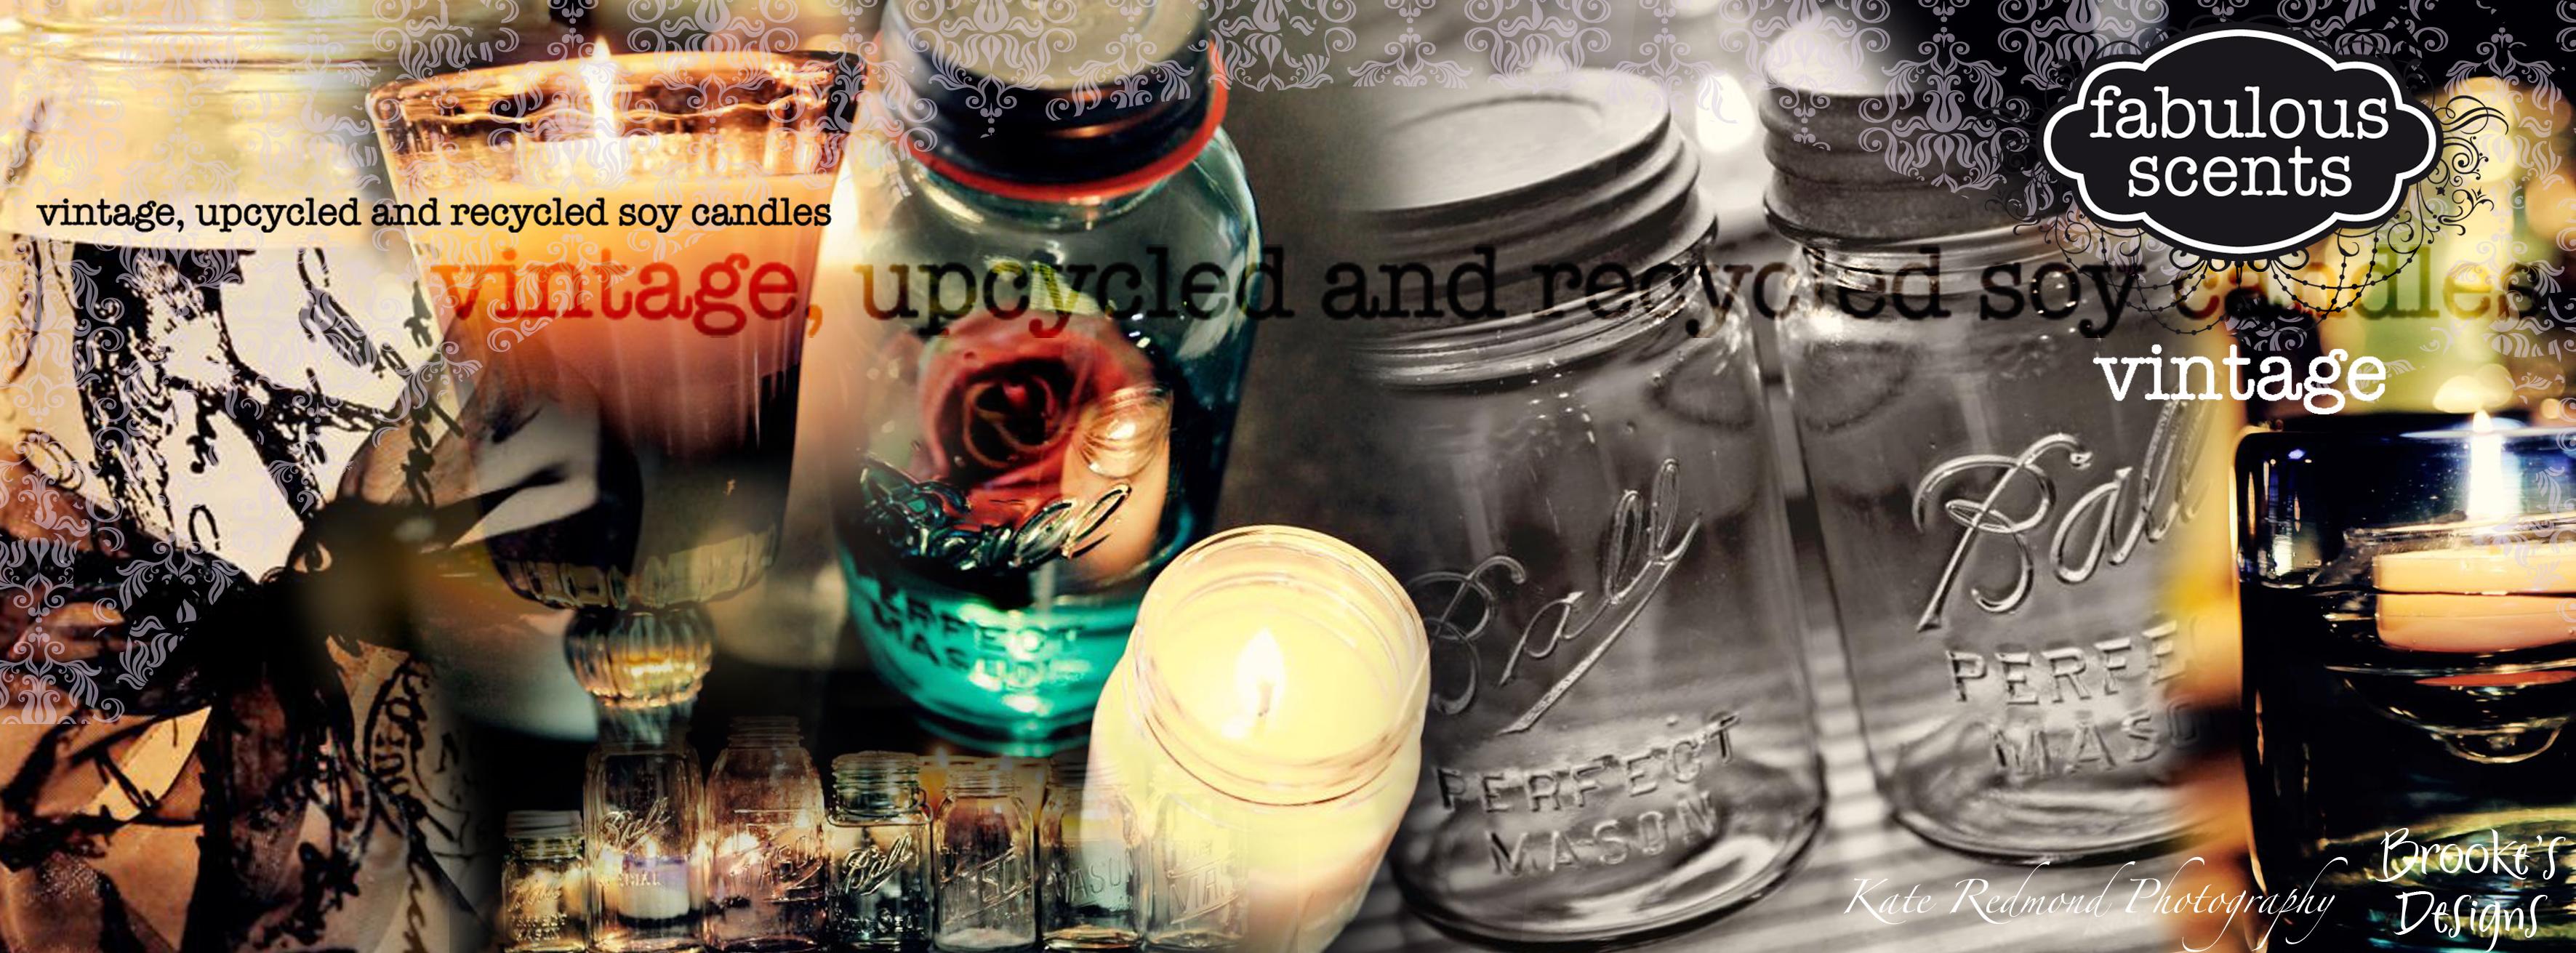 fabulous scents vintage